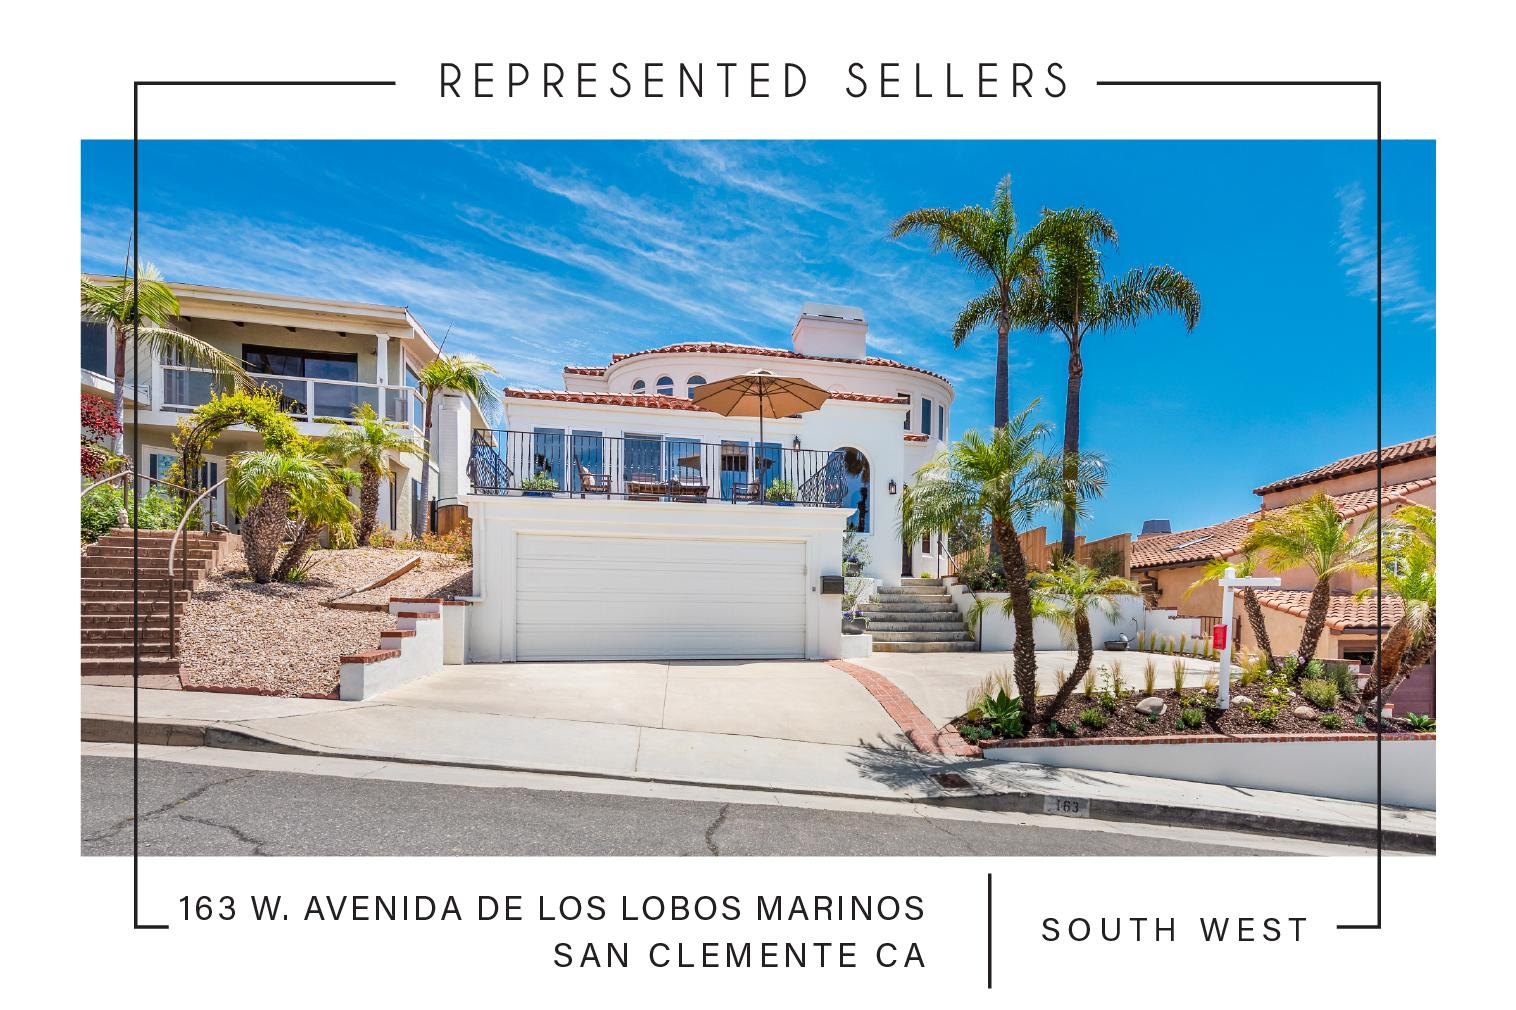 SOLD 07/01/2019 $1,800,000  163 Avenida De Los Lobos Marinos, San Clemente